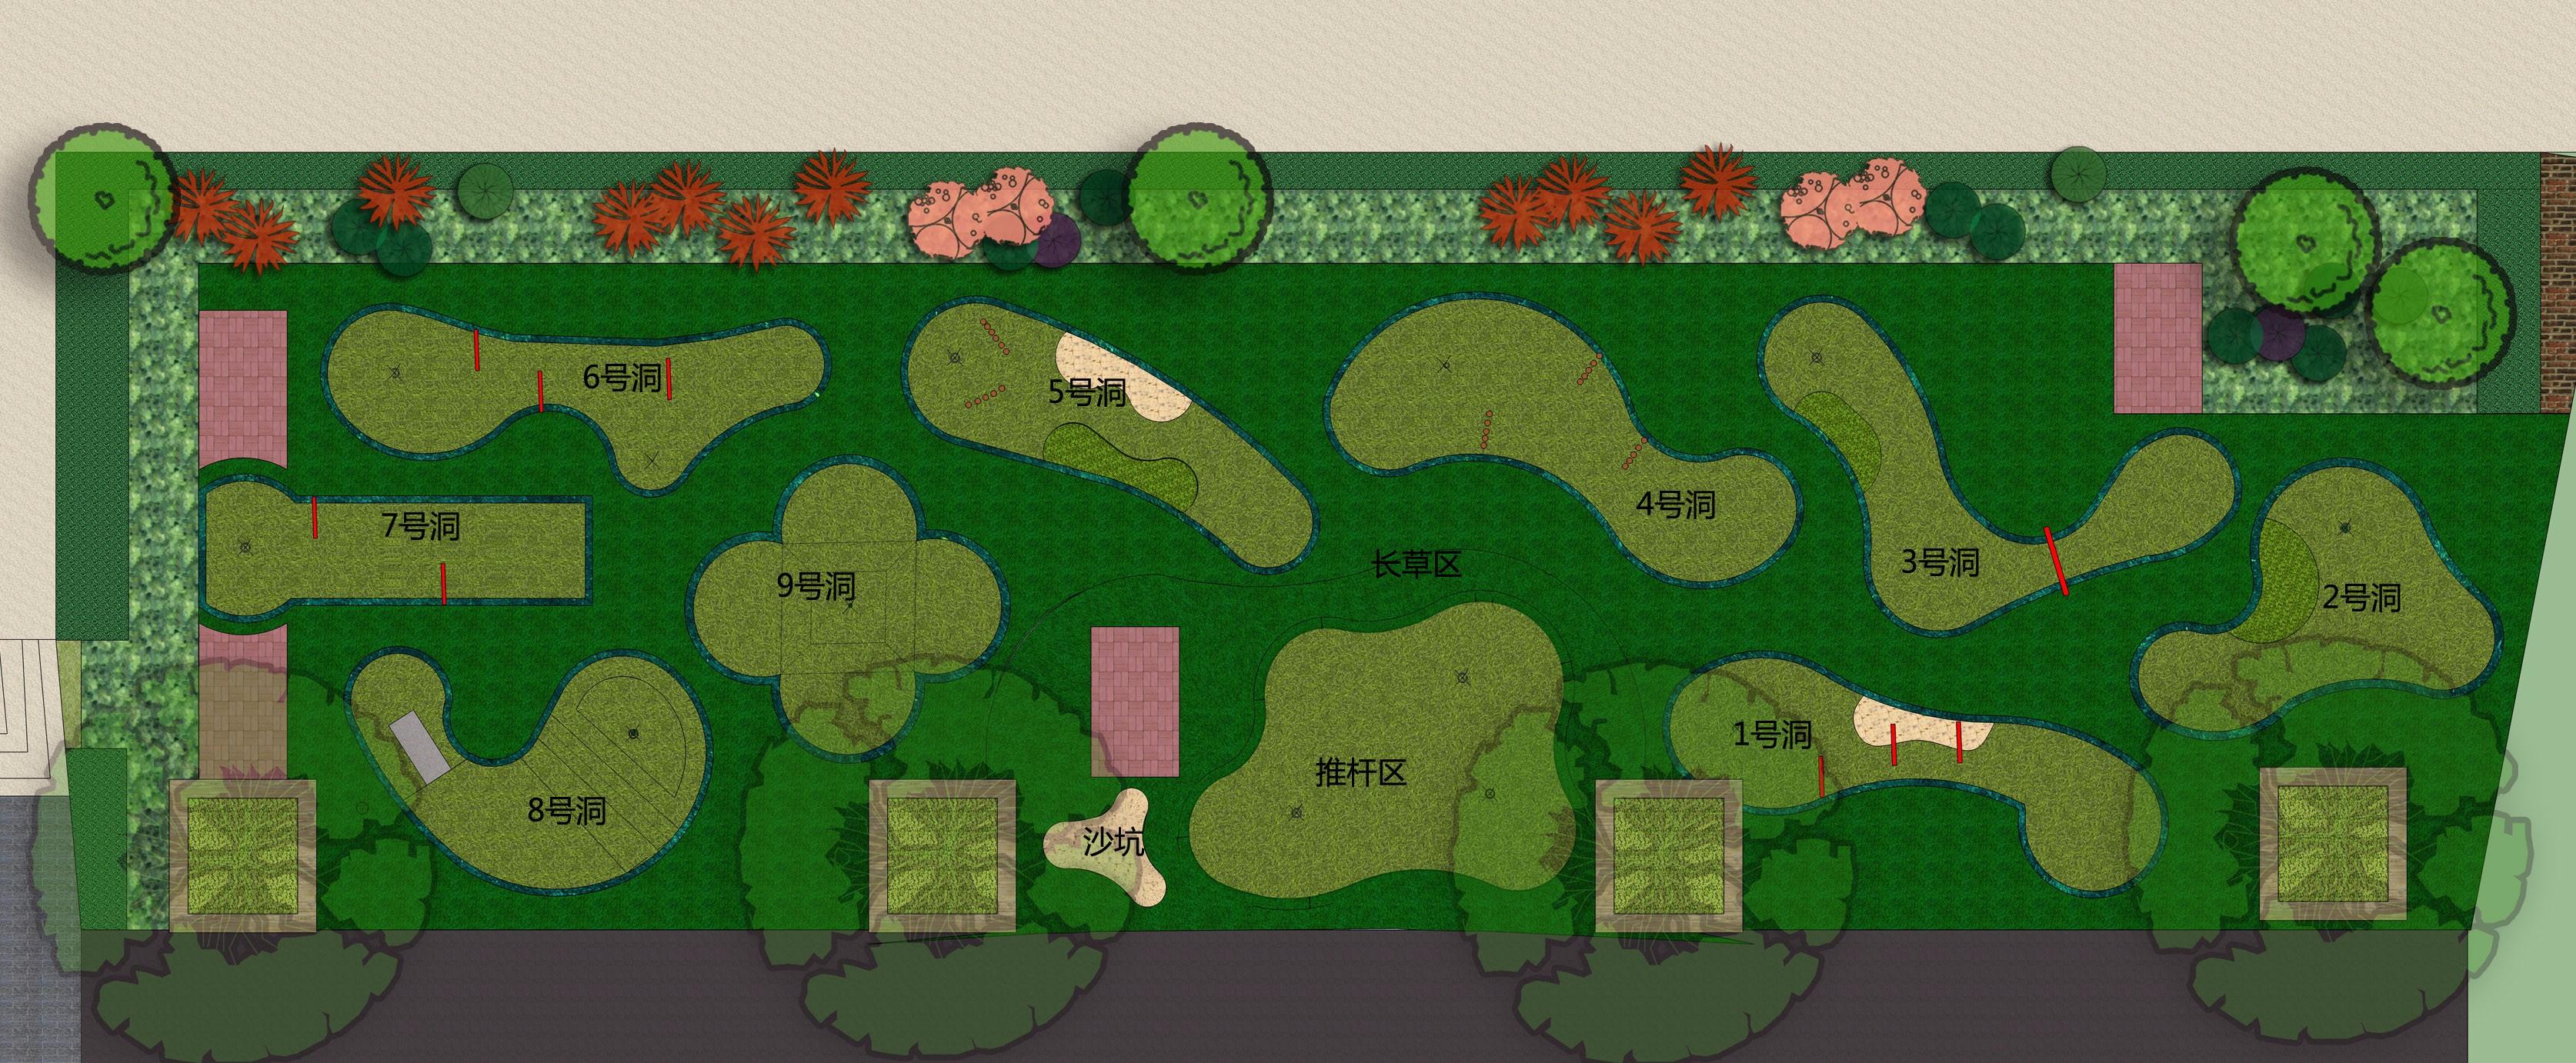 迷你高尔夫球场.jpg